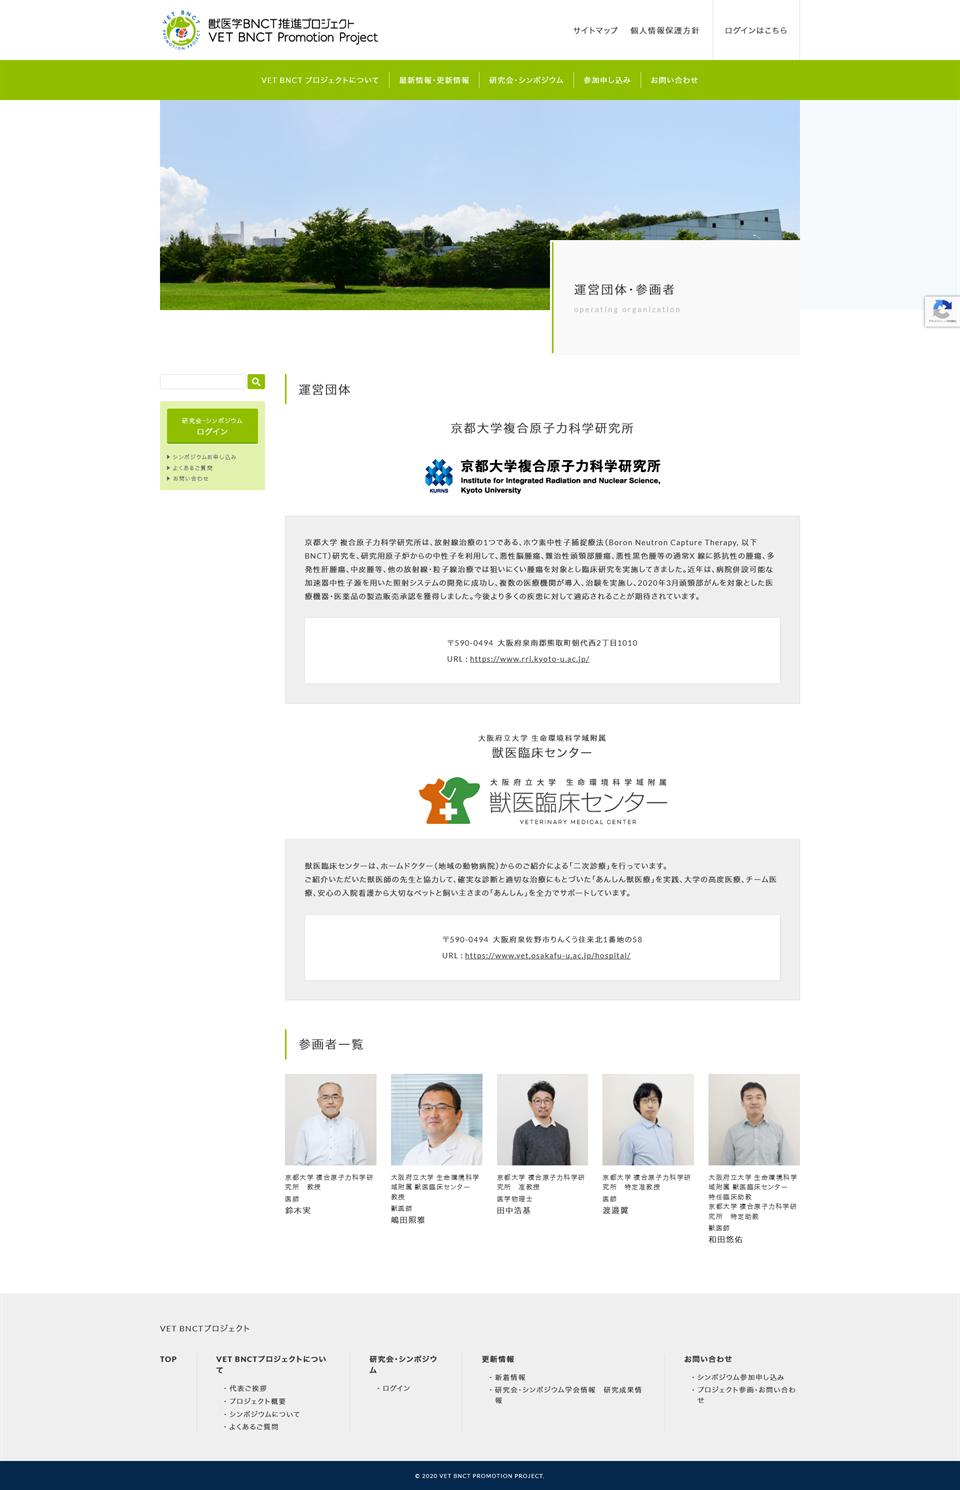 獣医学BNCT推進プロジェクト